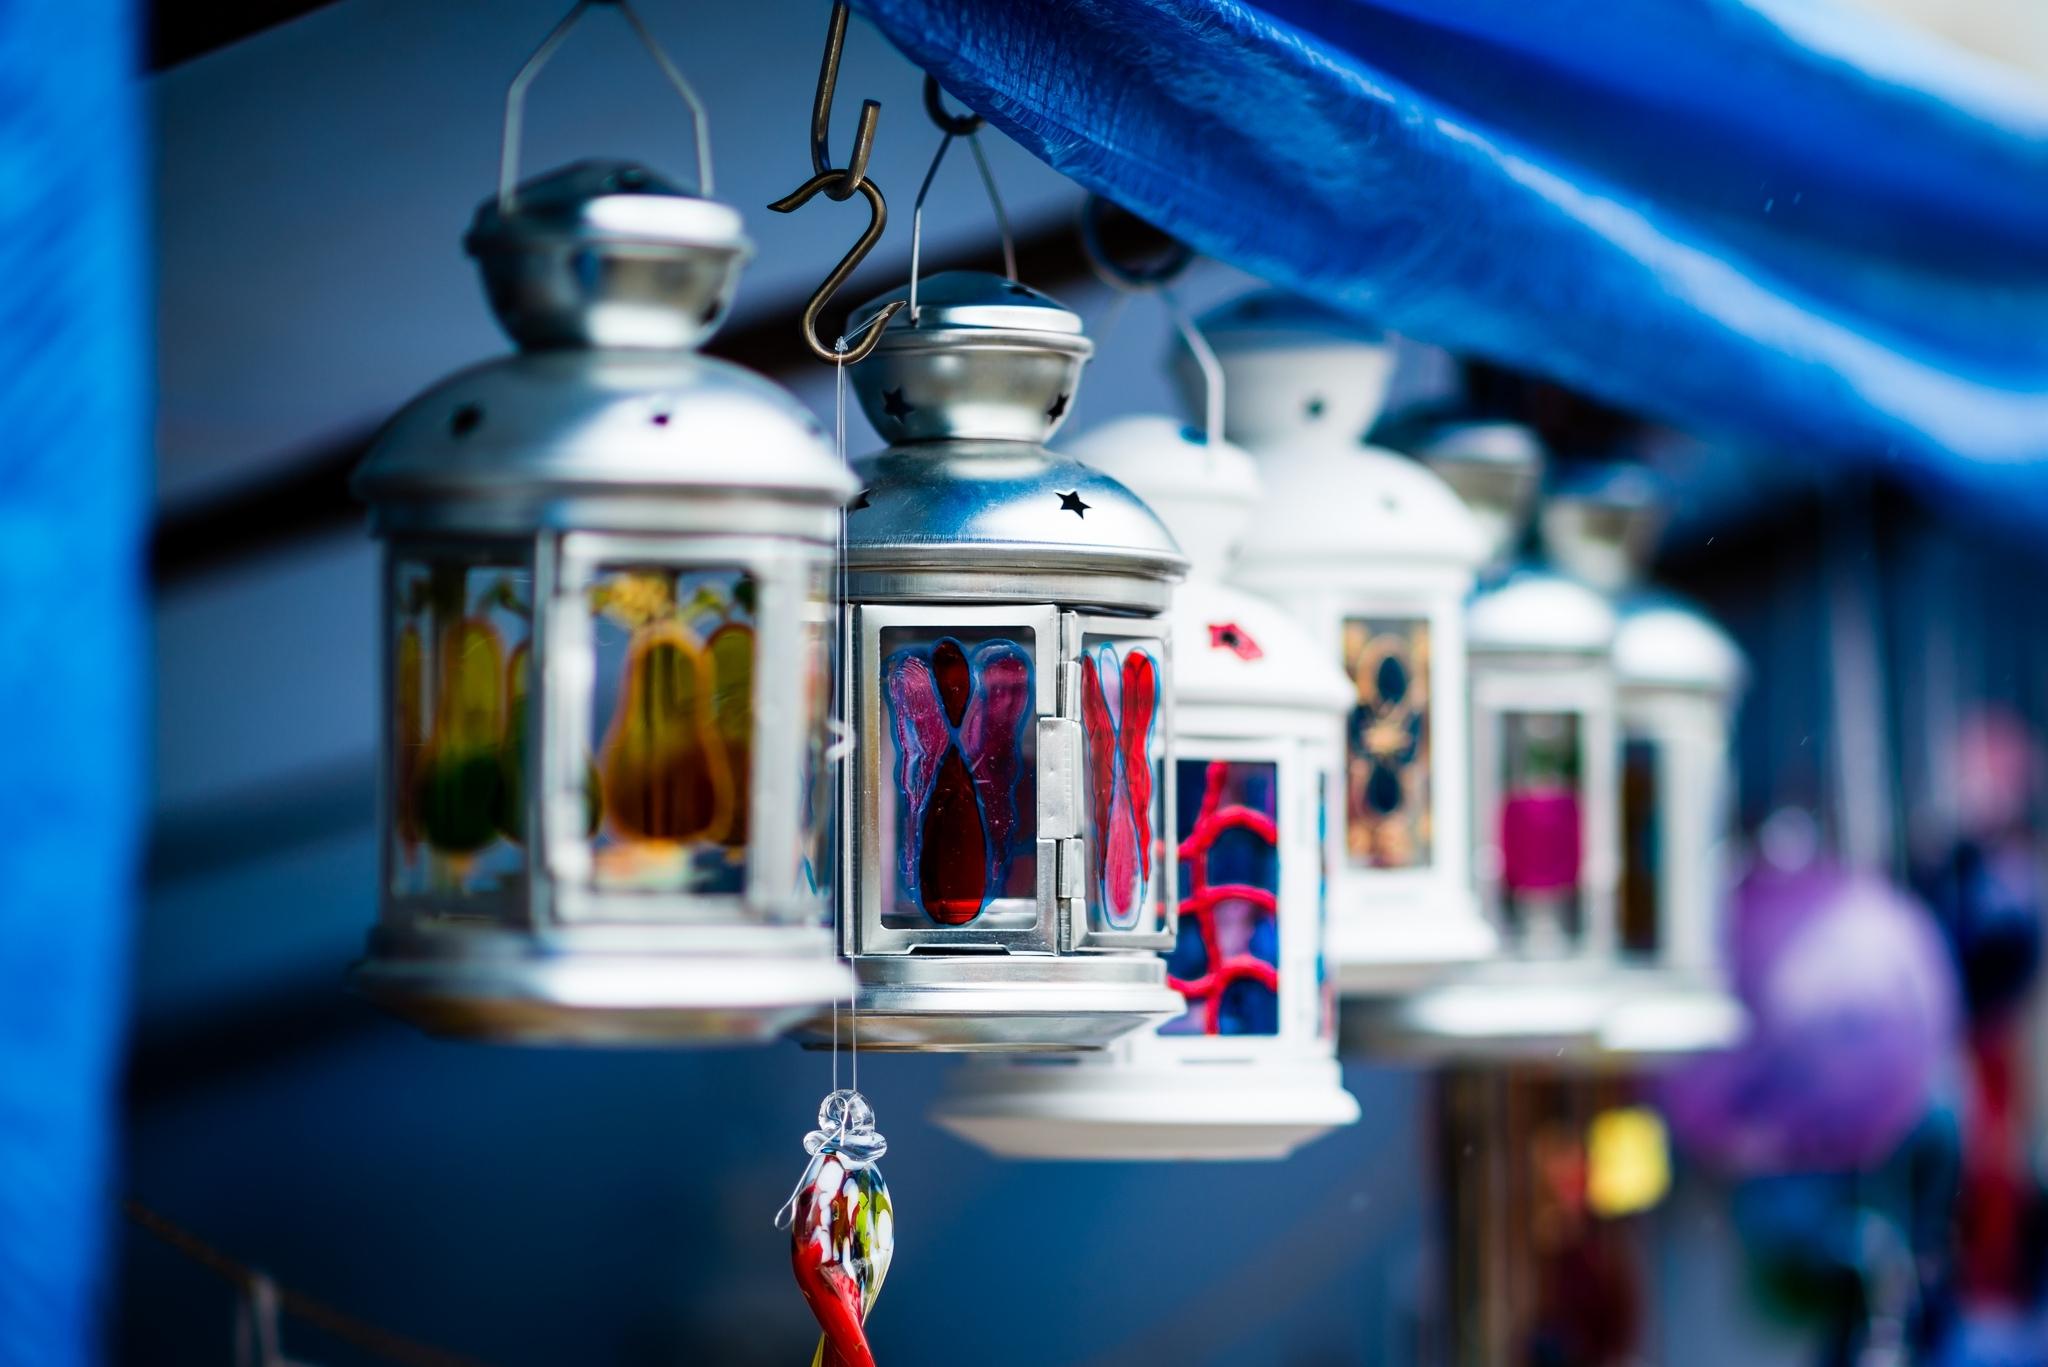 синий фонарь свечка  № 2050176 бесплатно